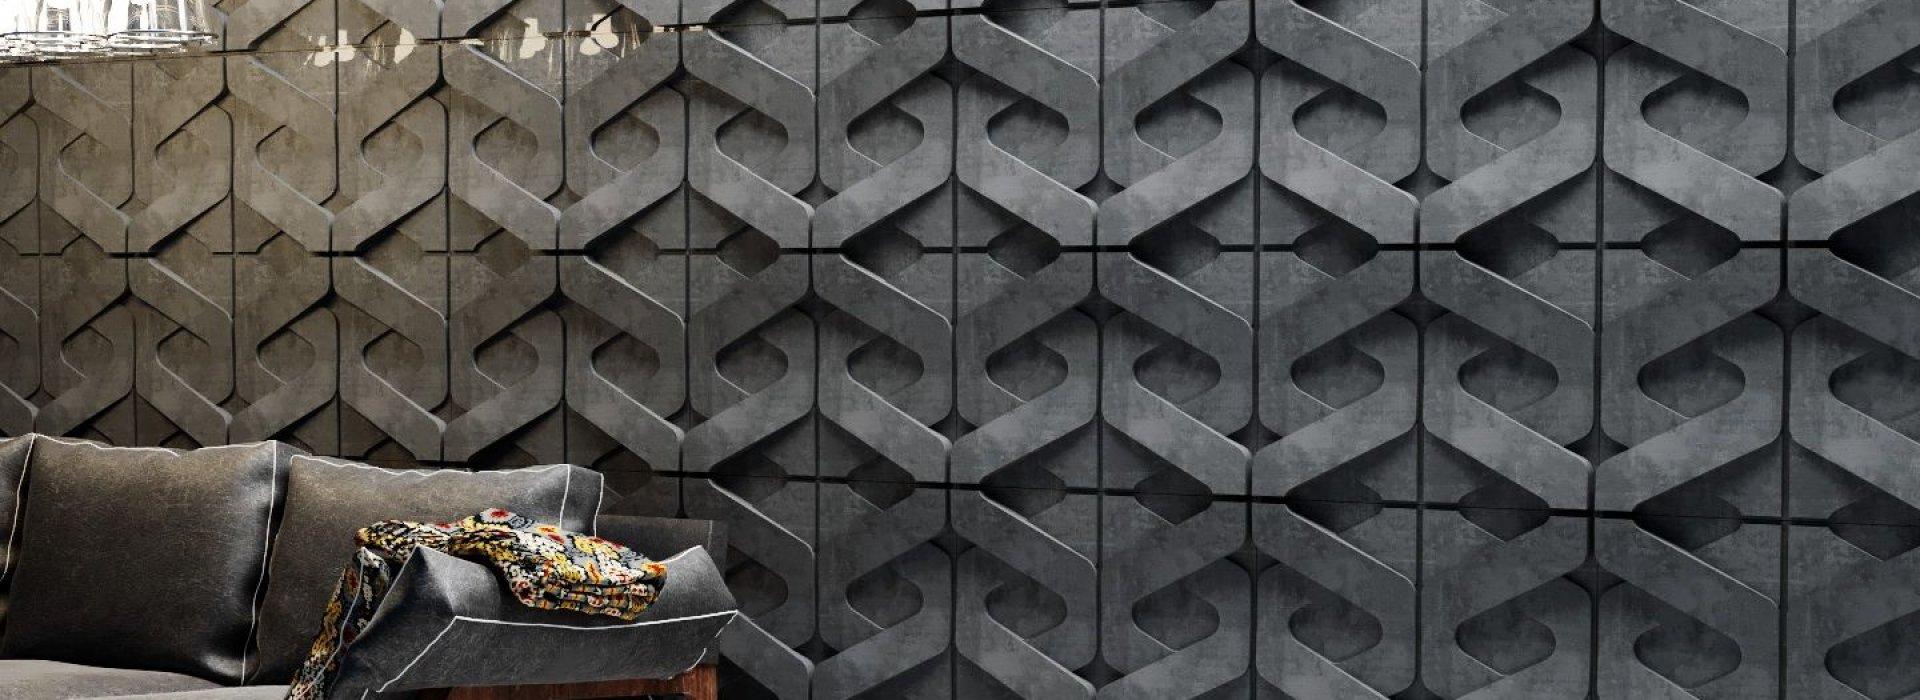 Плитка из декоративного бетона для вашего интерьера